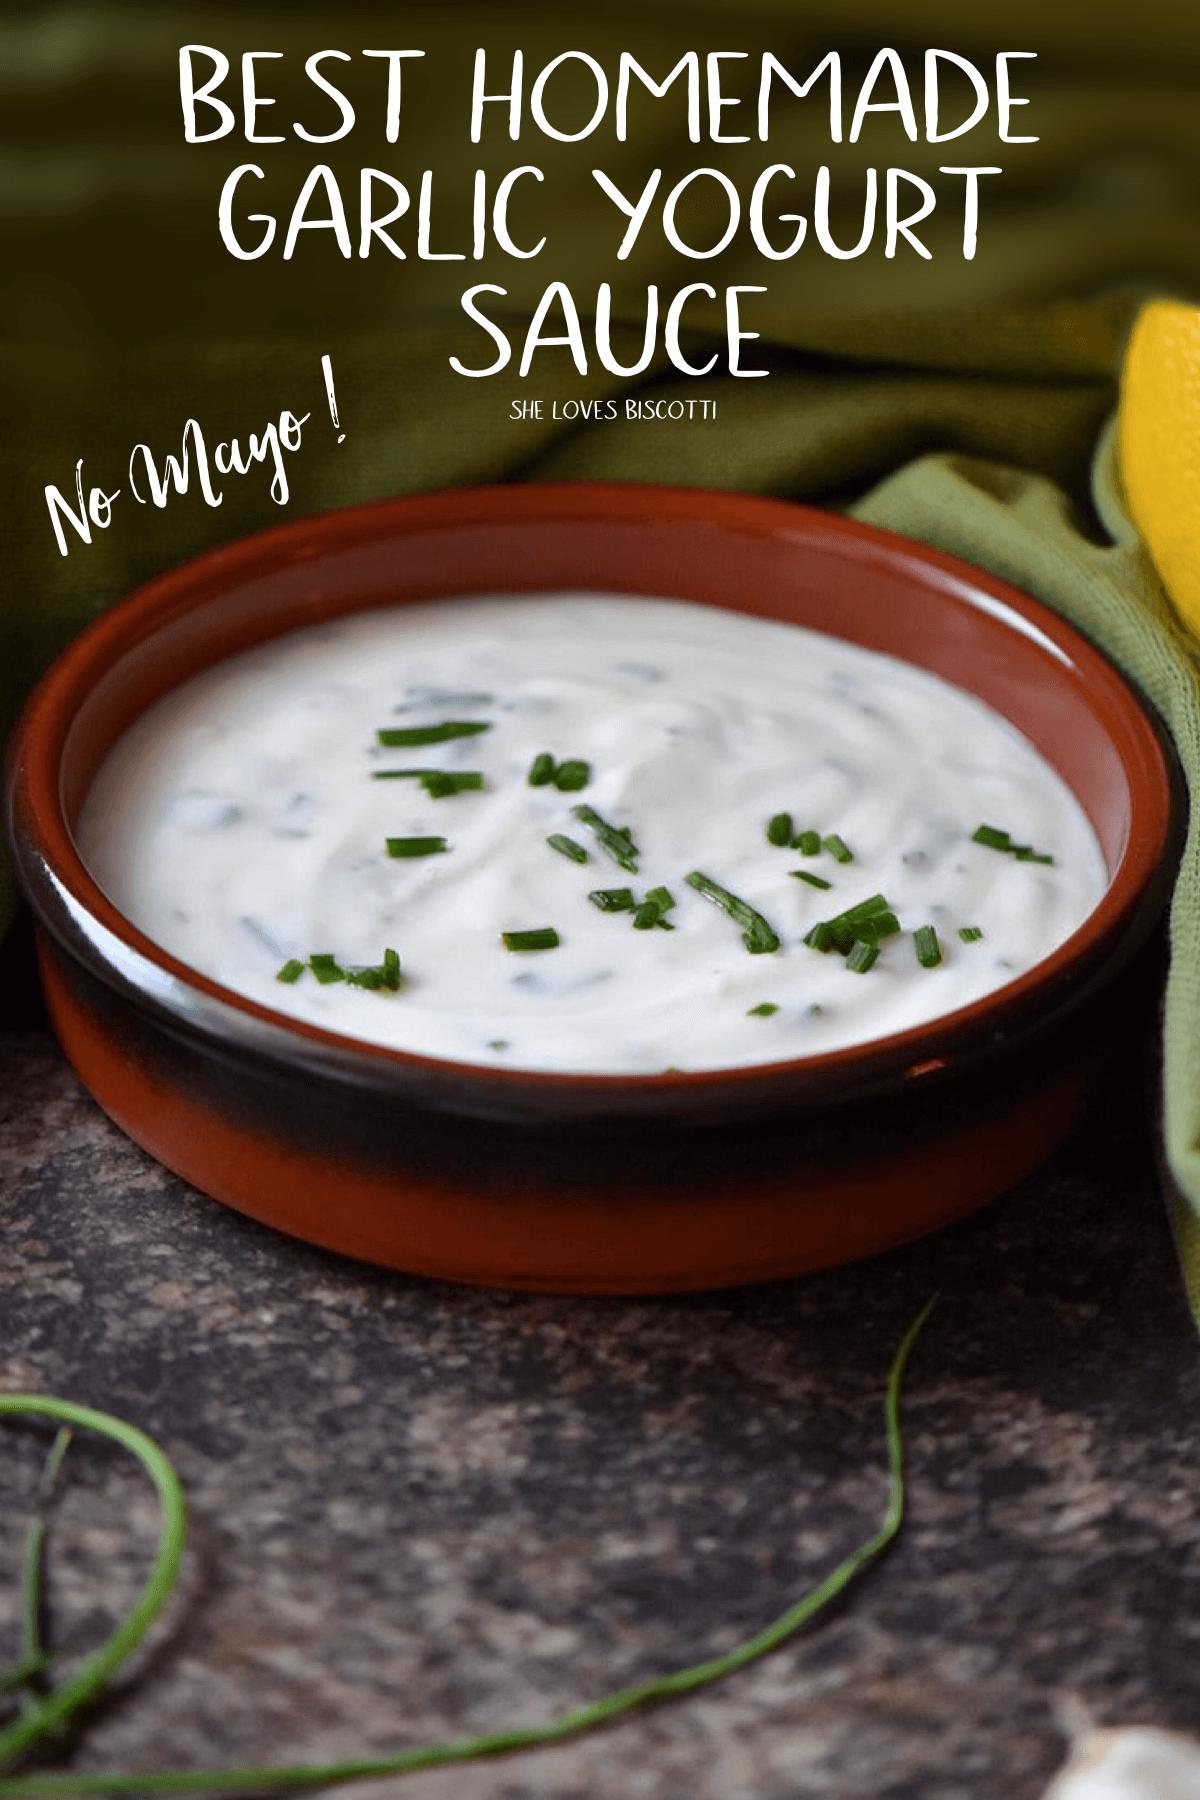 Best Homemade Garlic Yogurt Sauce || Garlic Yogurt Sauce Recipe || Gluten free Yogurt Sauce || Yogurt Sauce for Croquettes and fritters #yogurtsauce #yogurt #sauce #nomayosauce #easyrecipe